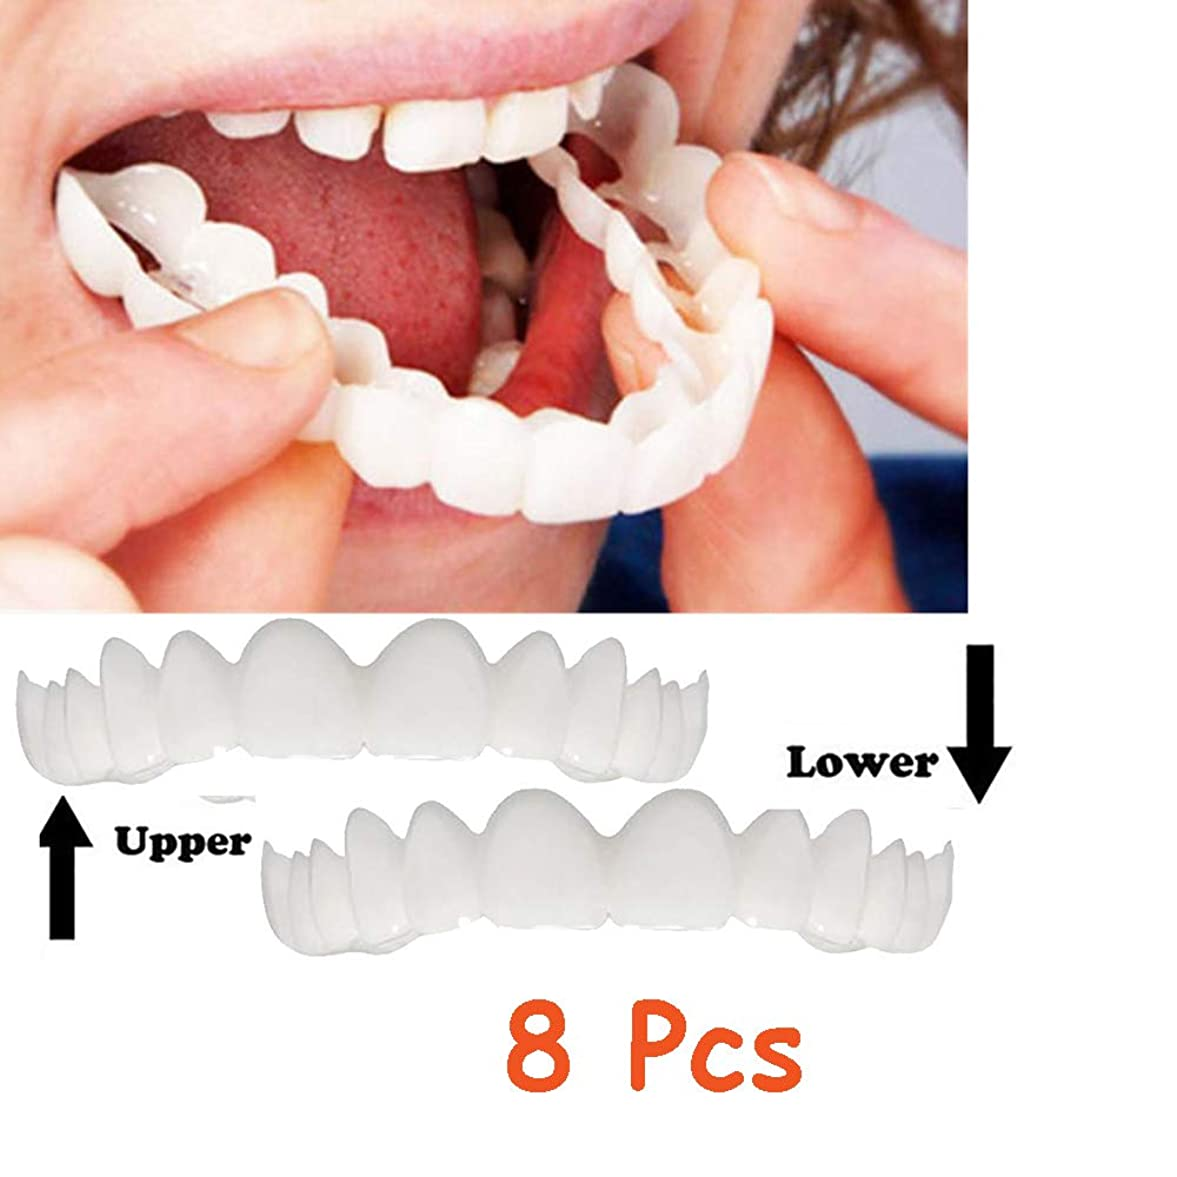 割り込み効能なめらか8個上下の義歯インスタントスマイルコンフォートフィットフレックスコスメティックスナップオンスマイルティースワンサイズフィット矯正(下+上)